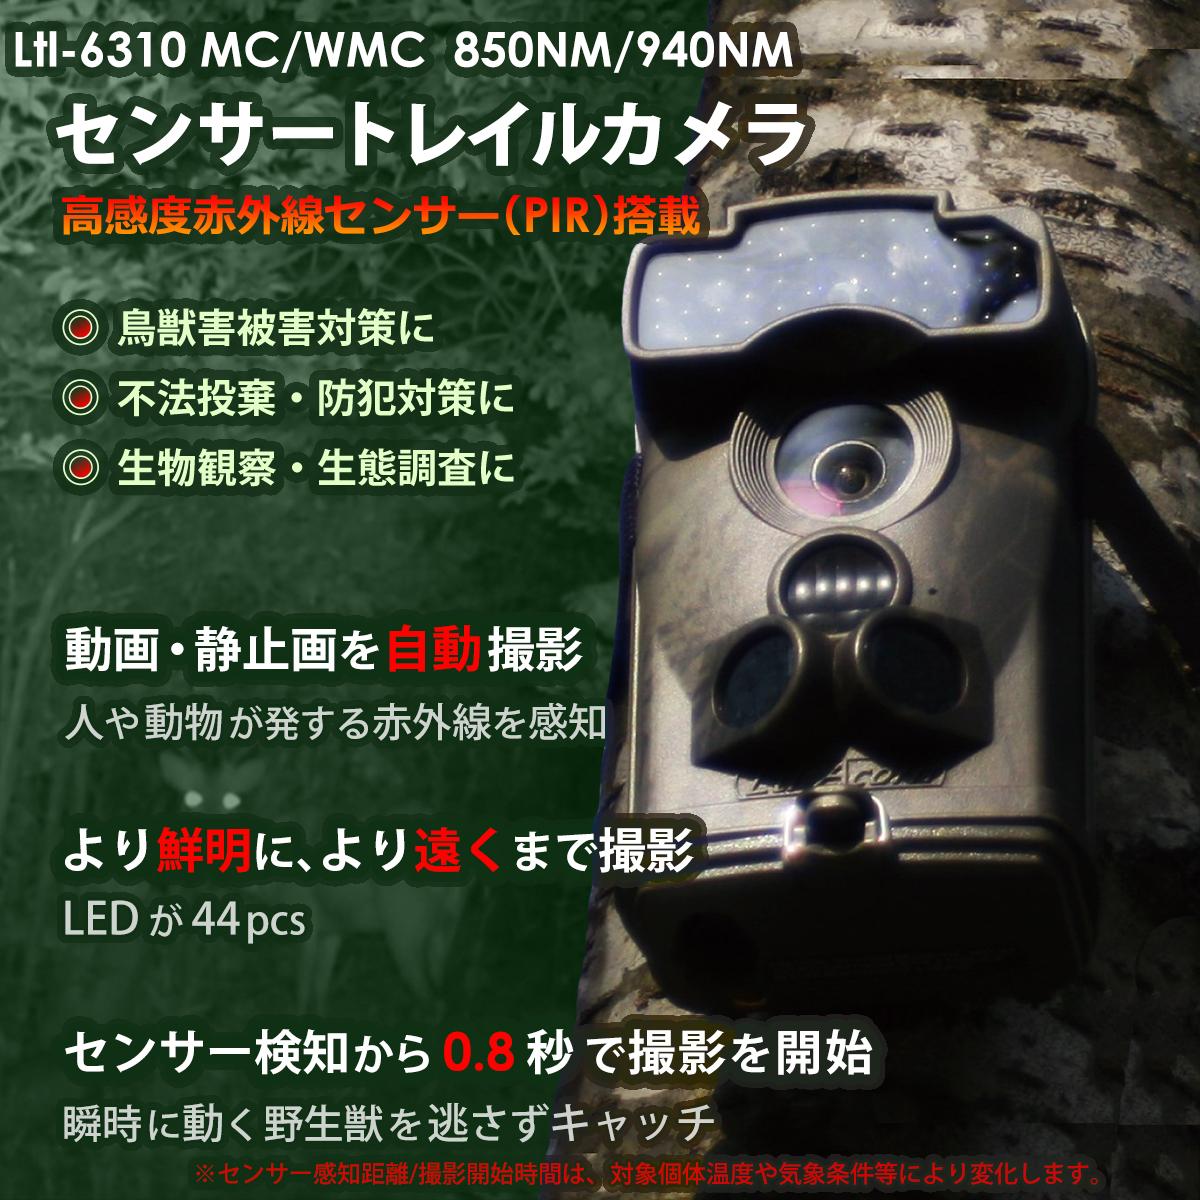 いのしし 対策 トレイルカメラ LtlAcorn 6310WMC 850NM グロータイプ 赤外線センサーカメラ 高感度赤外線センサー 猪 イノシシ 鹿 猿 ハクビシン タヌキ クマ アライグマ イタチ 防犯 獣害 畑 監視カメラ 生態調査 送料無料